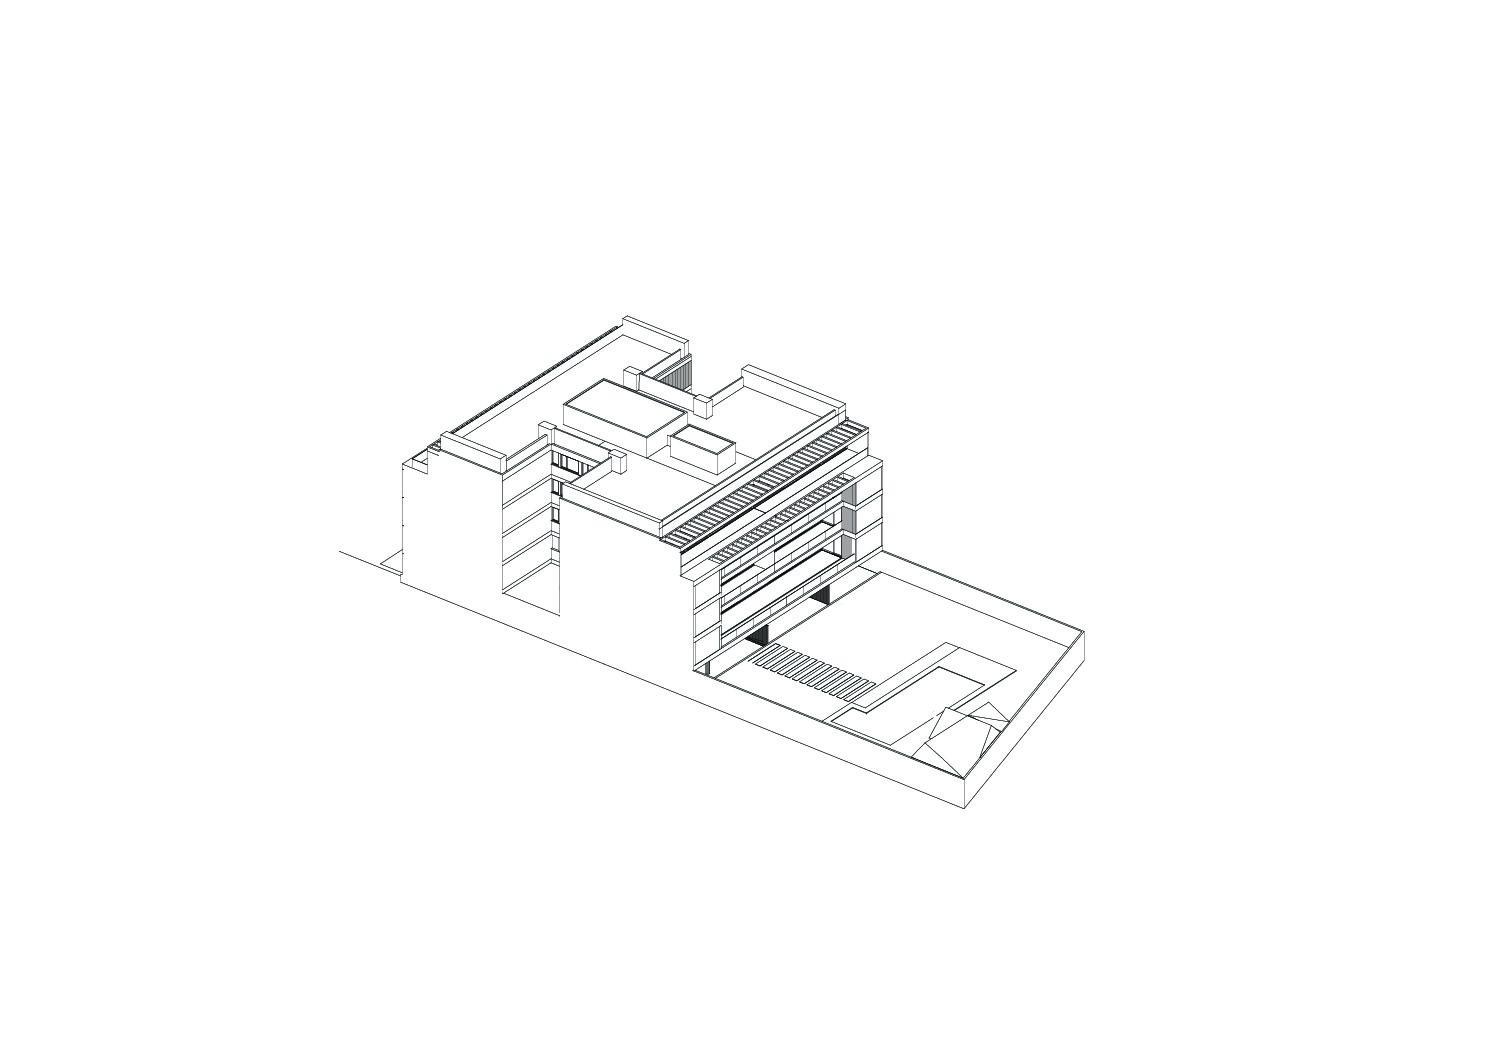 ProyectoC_Arquitectos_Portfolio_20_EnriqueMartinez